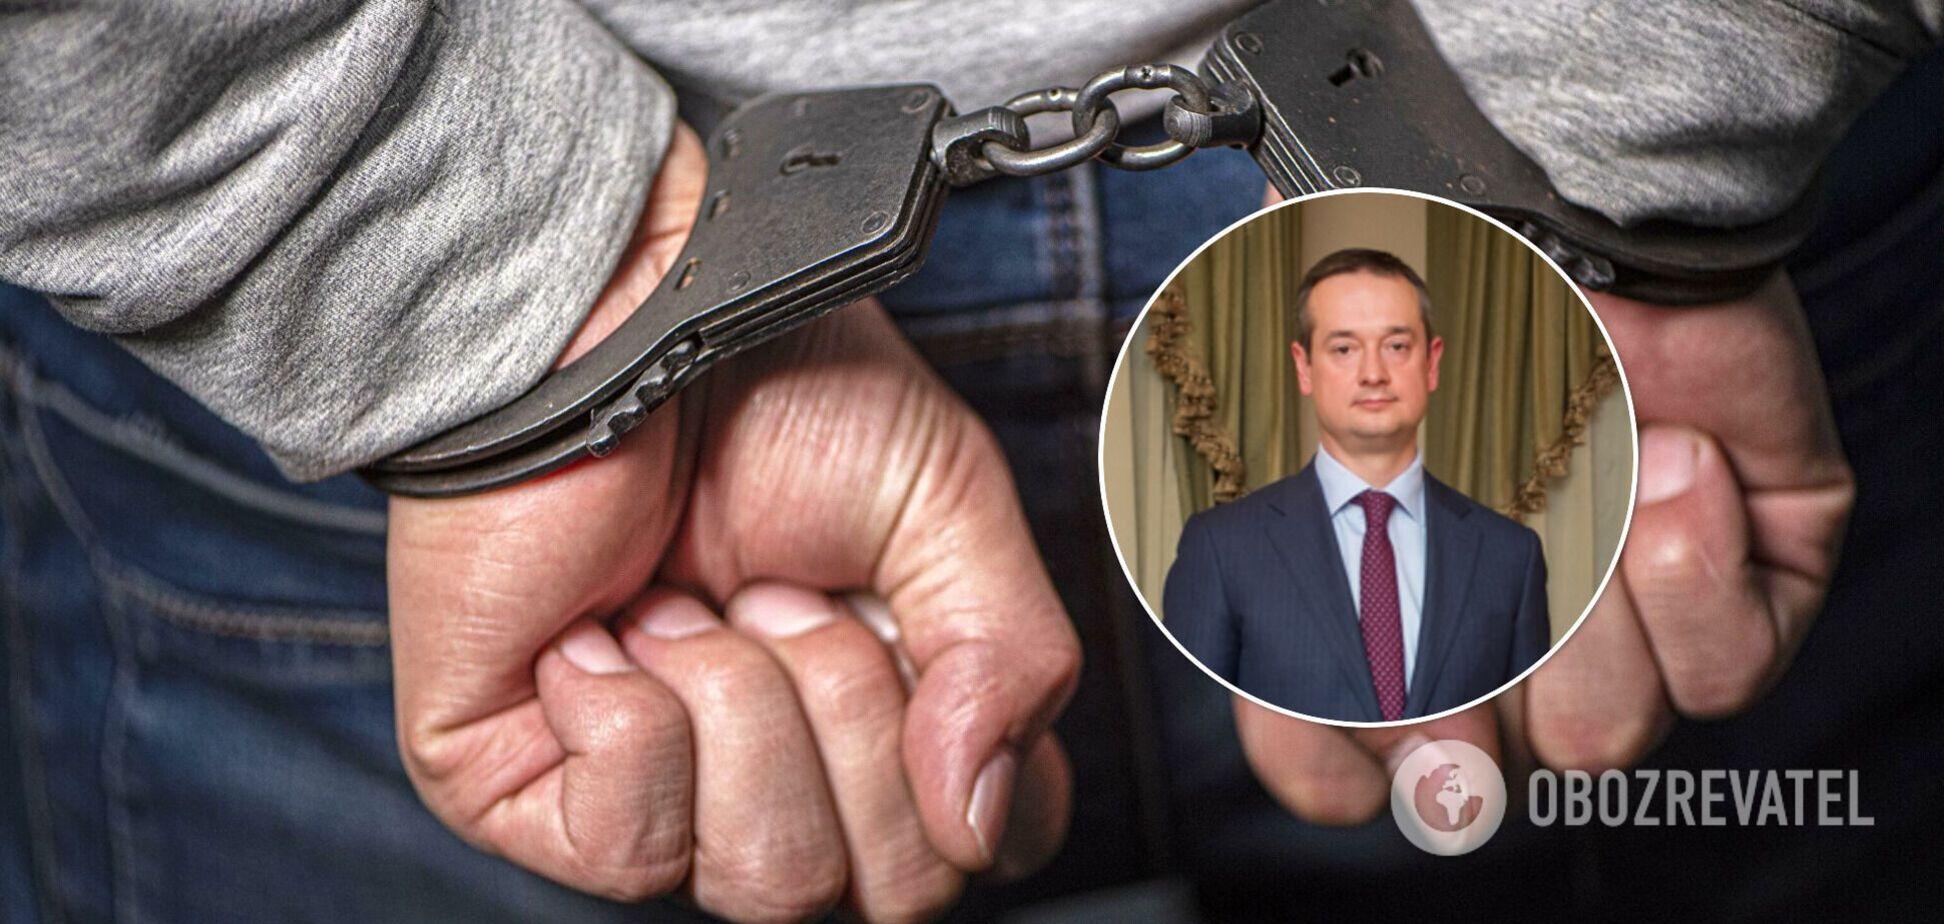 Мужчина объявил, что его разоблачила турецкая полиция